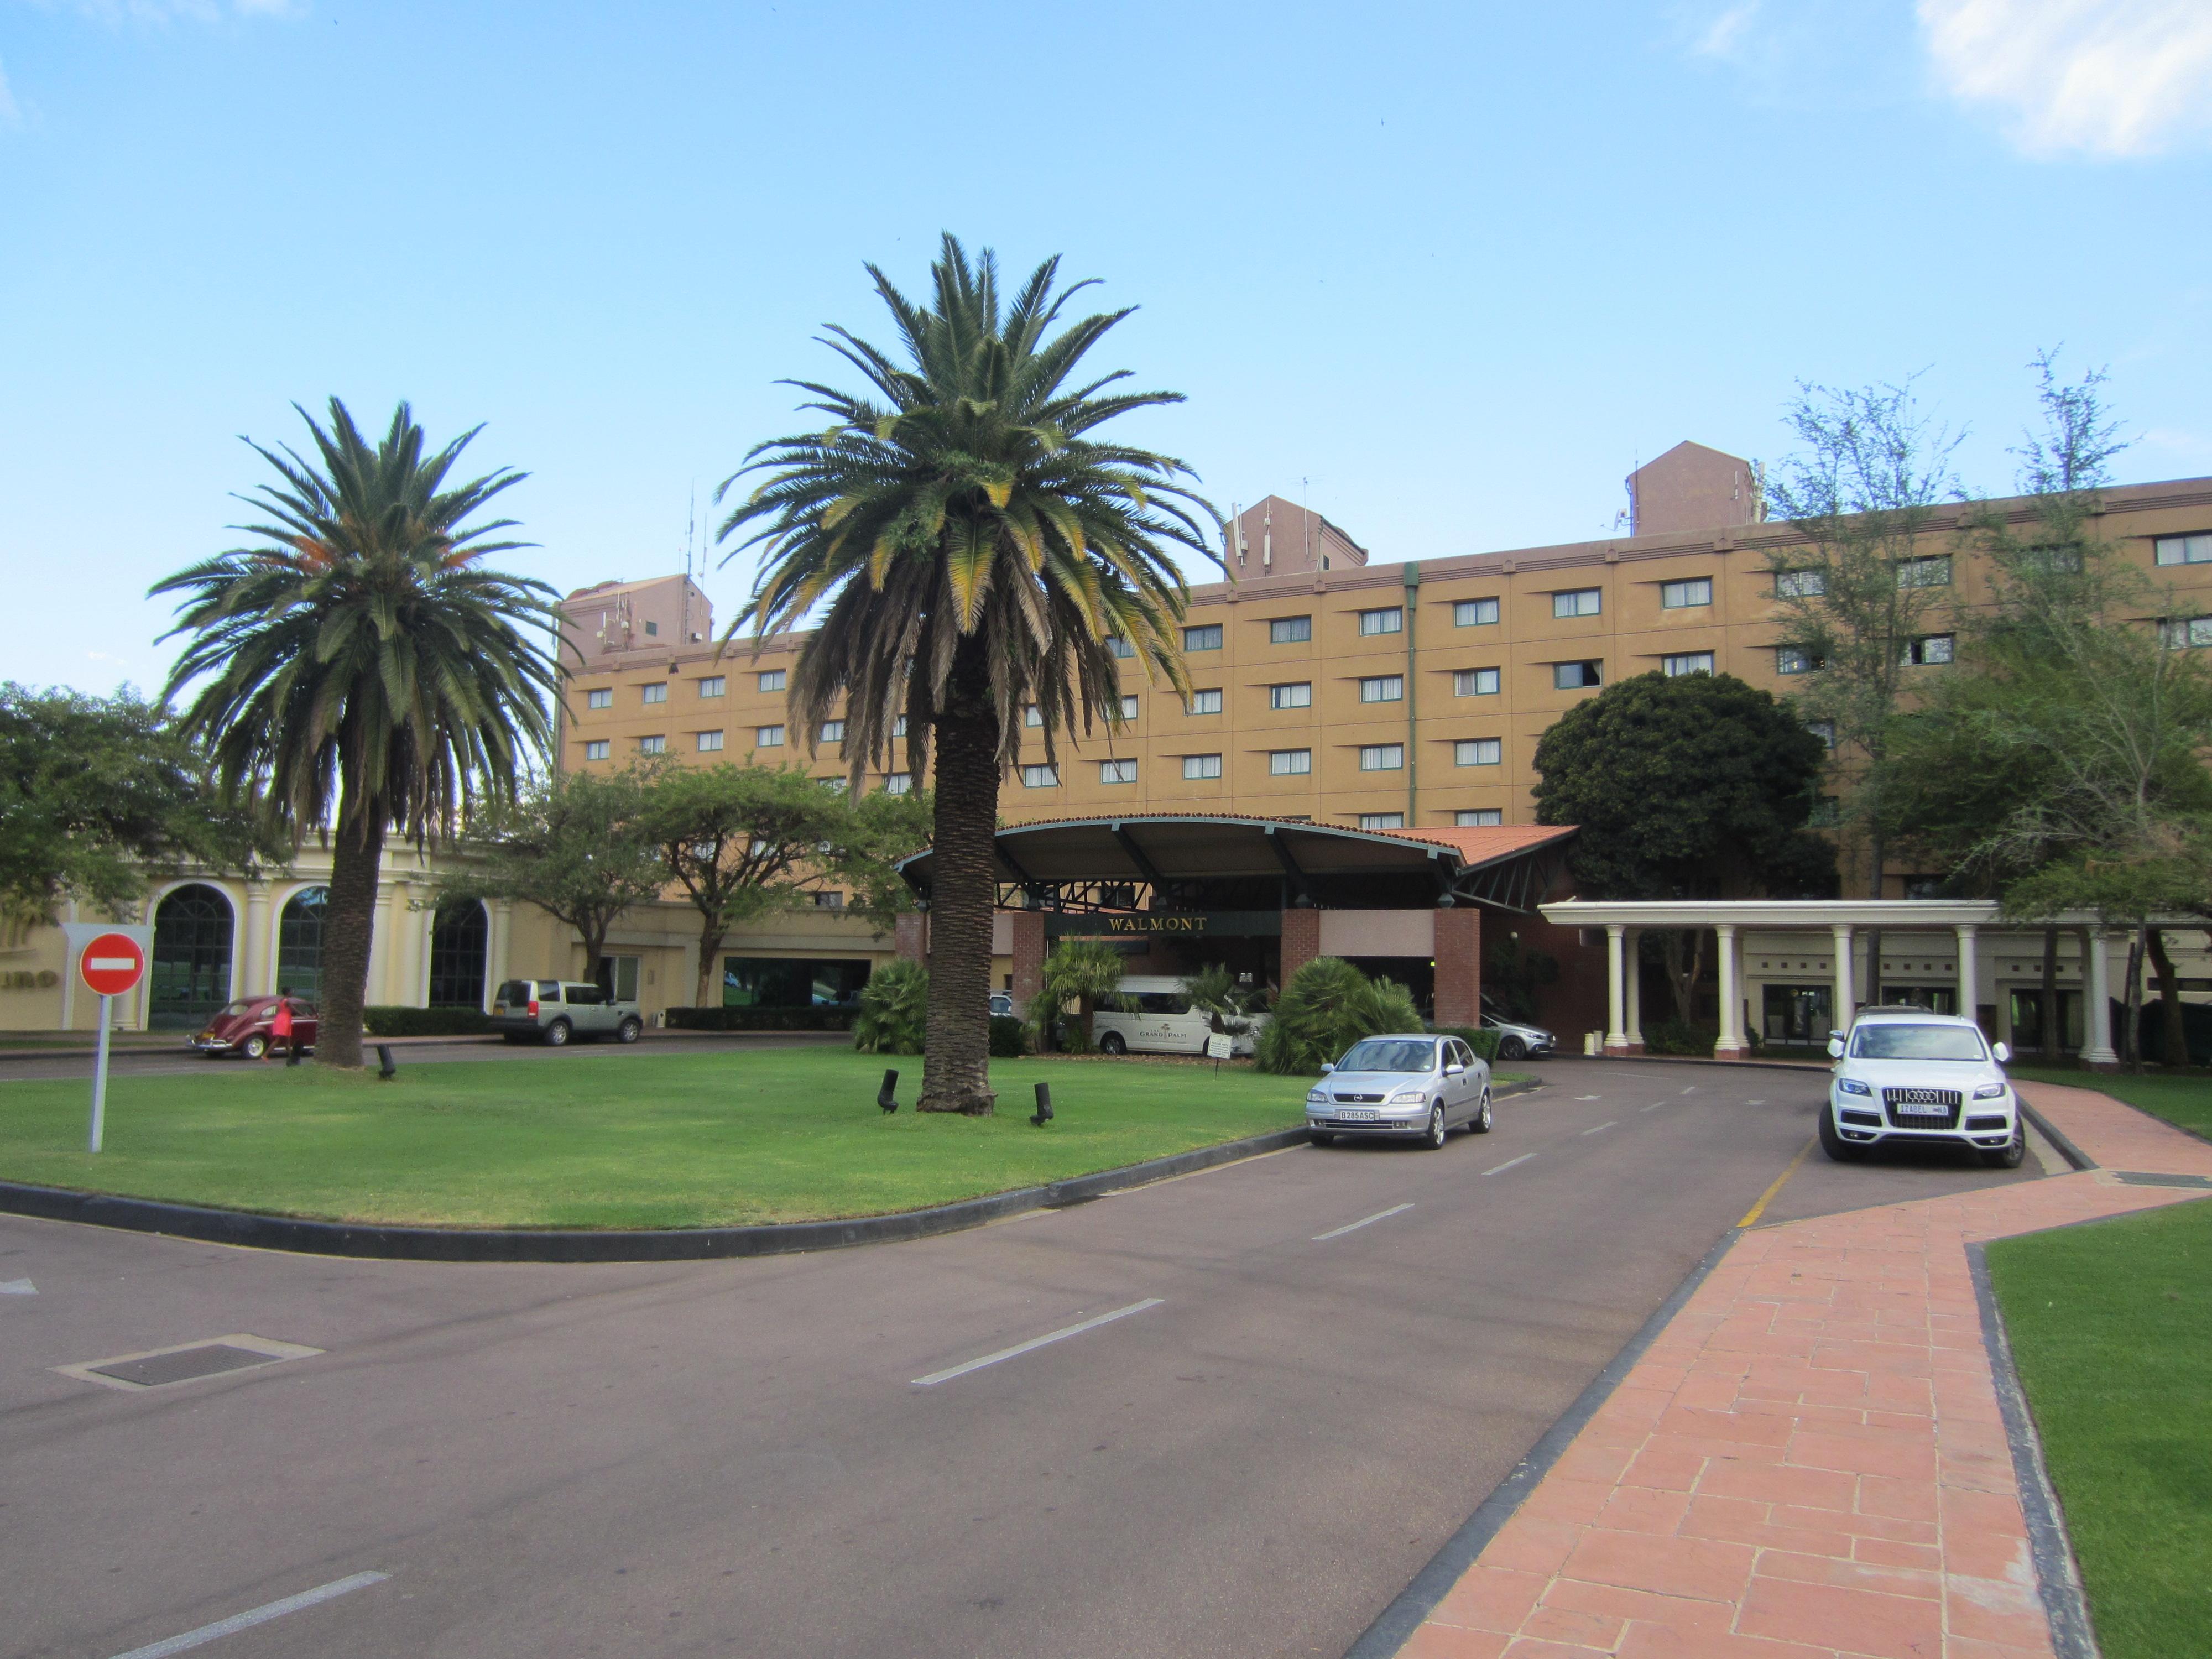 gaborone grand palm hotel casino resort: